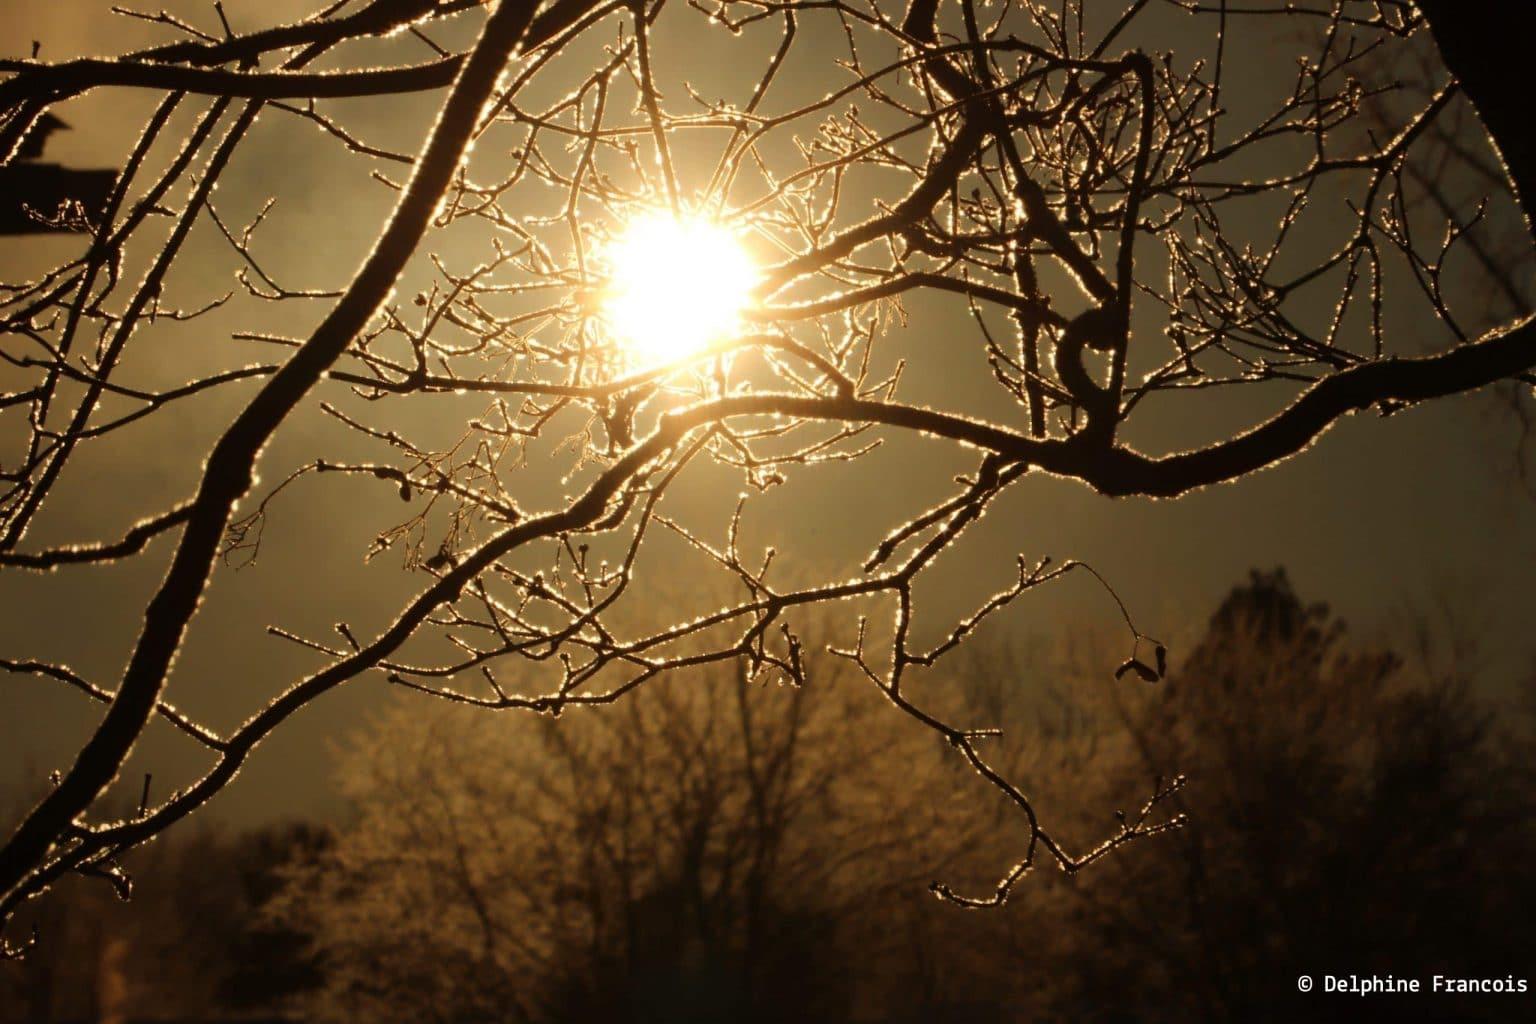 soleil à travers les branches givrées d'un arbre